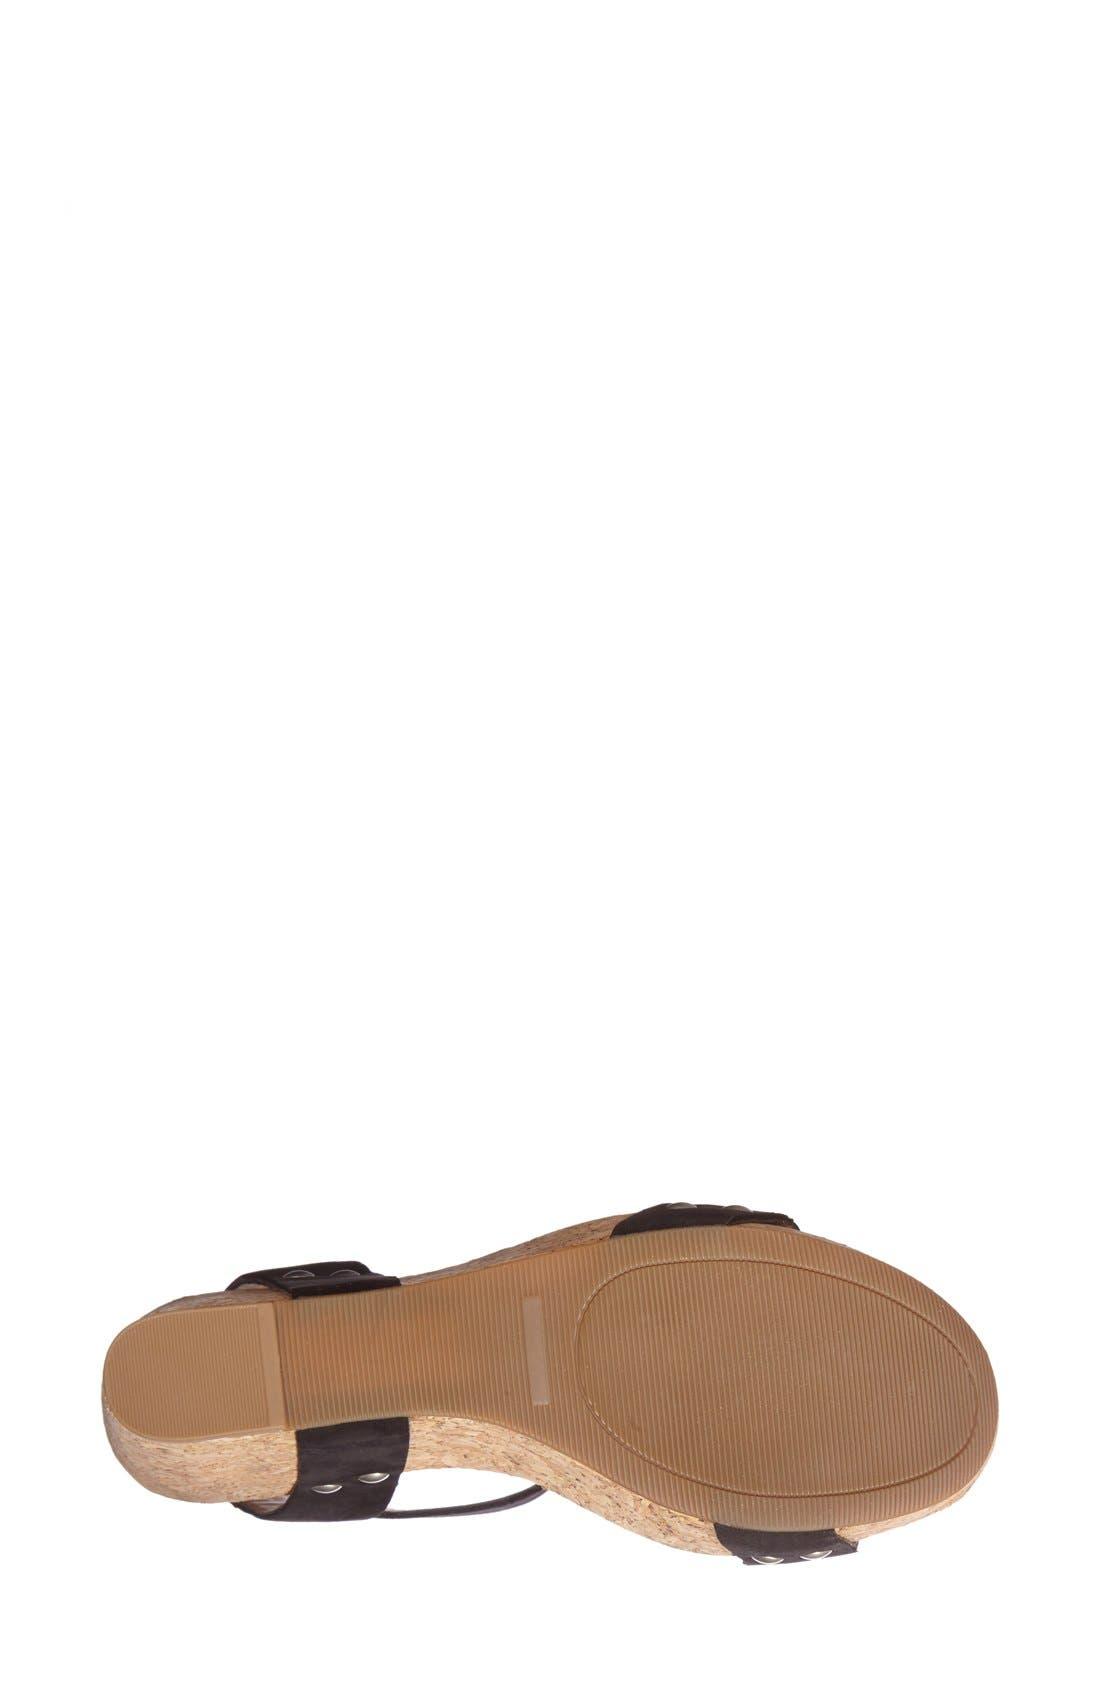 Alternate Image 4  - Lucky Brand 'McDowell' Wedge Sandal (Women)